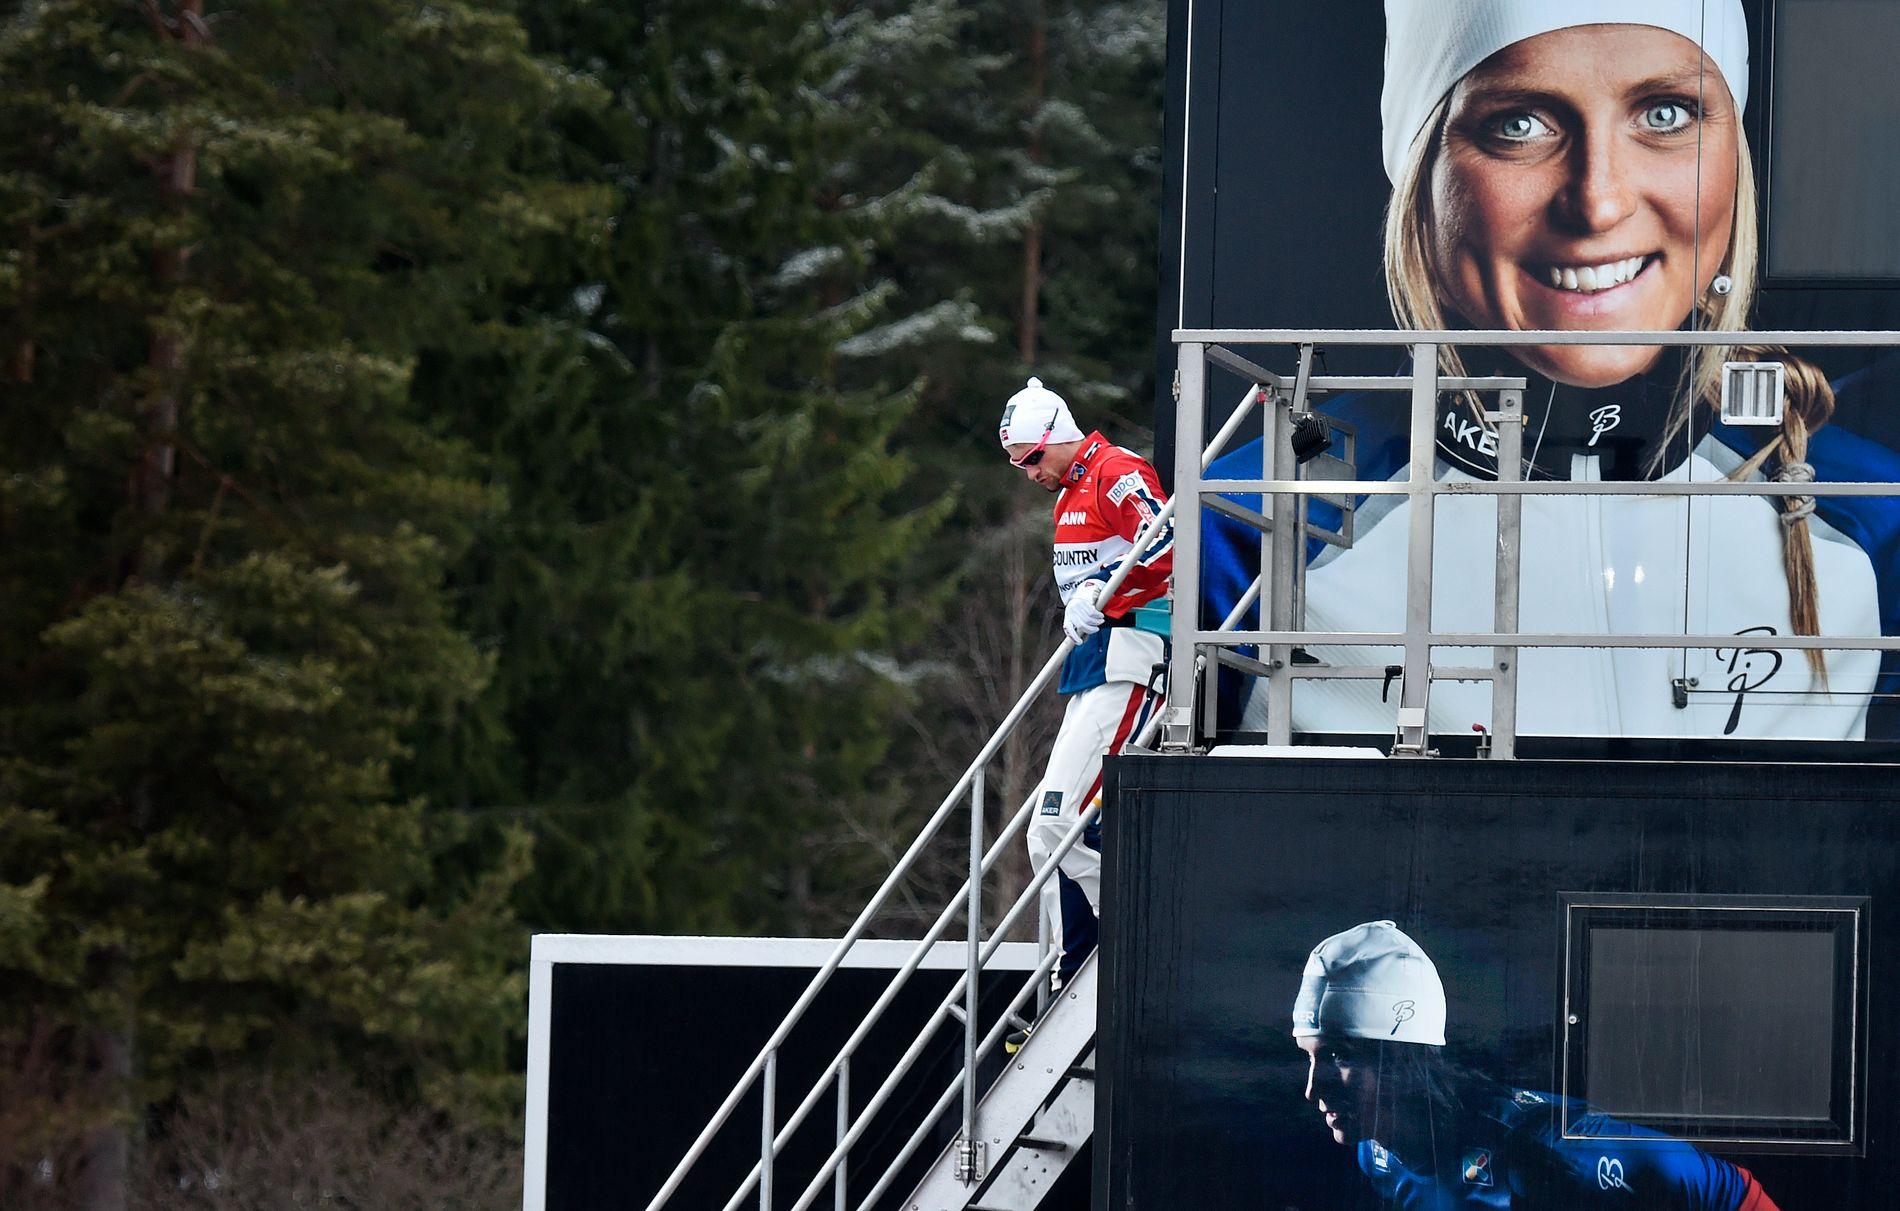 MILLIONSUKSESS: Petter Northug har tjent mange millioner på langrennssuksessen. Det har også Therese Johaug og Marit Bjørgen som her er klistret på den norske smøretraileren. Her under ski-VM i Falun i 2015.